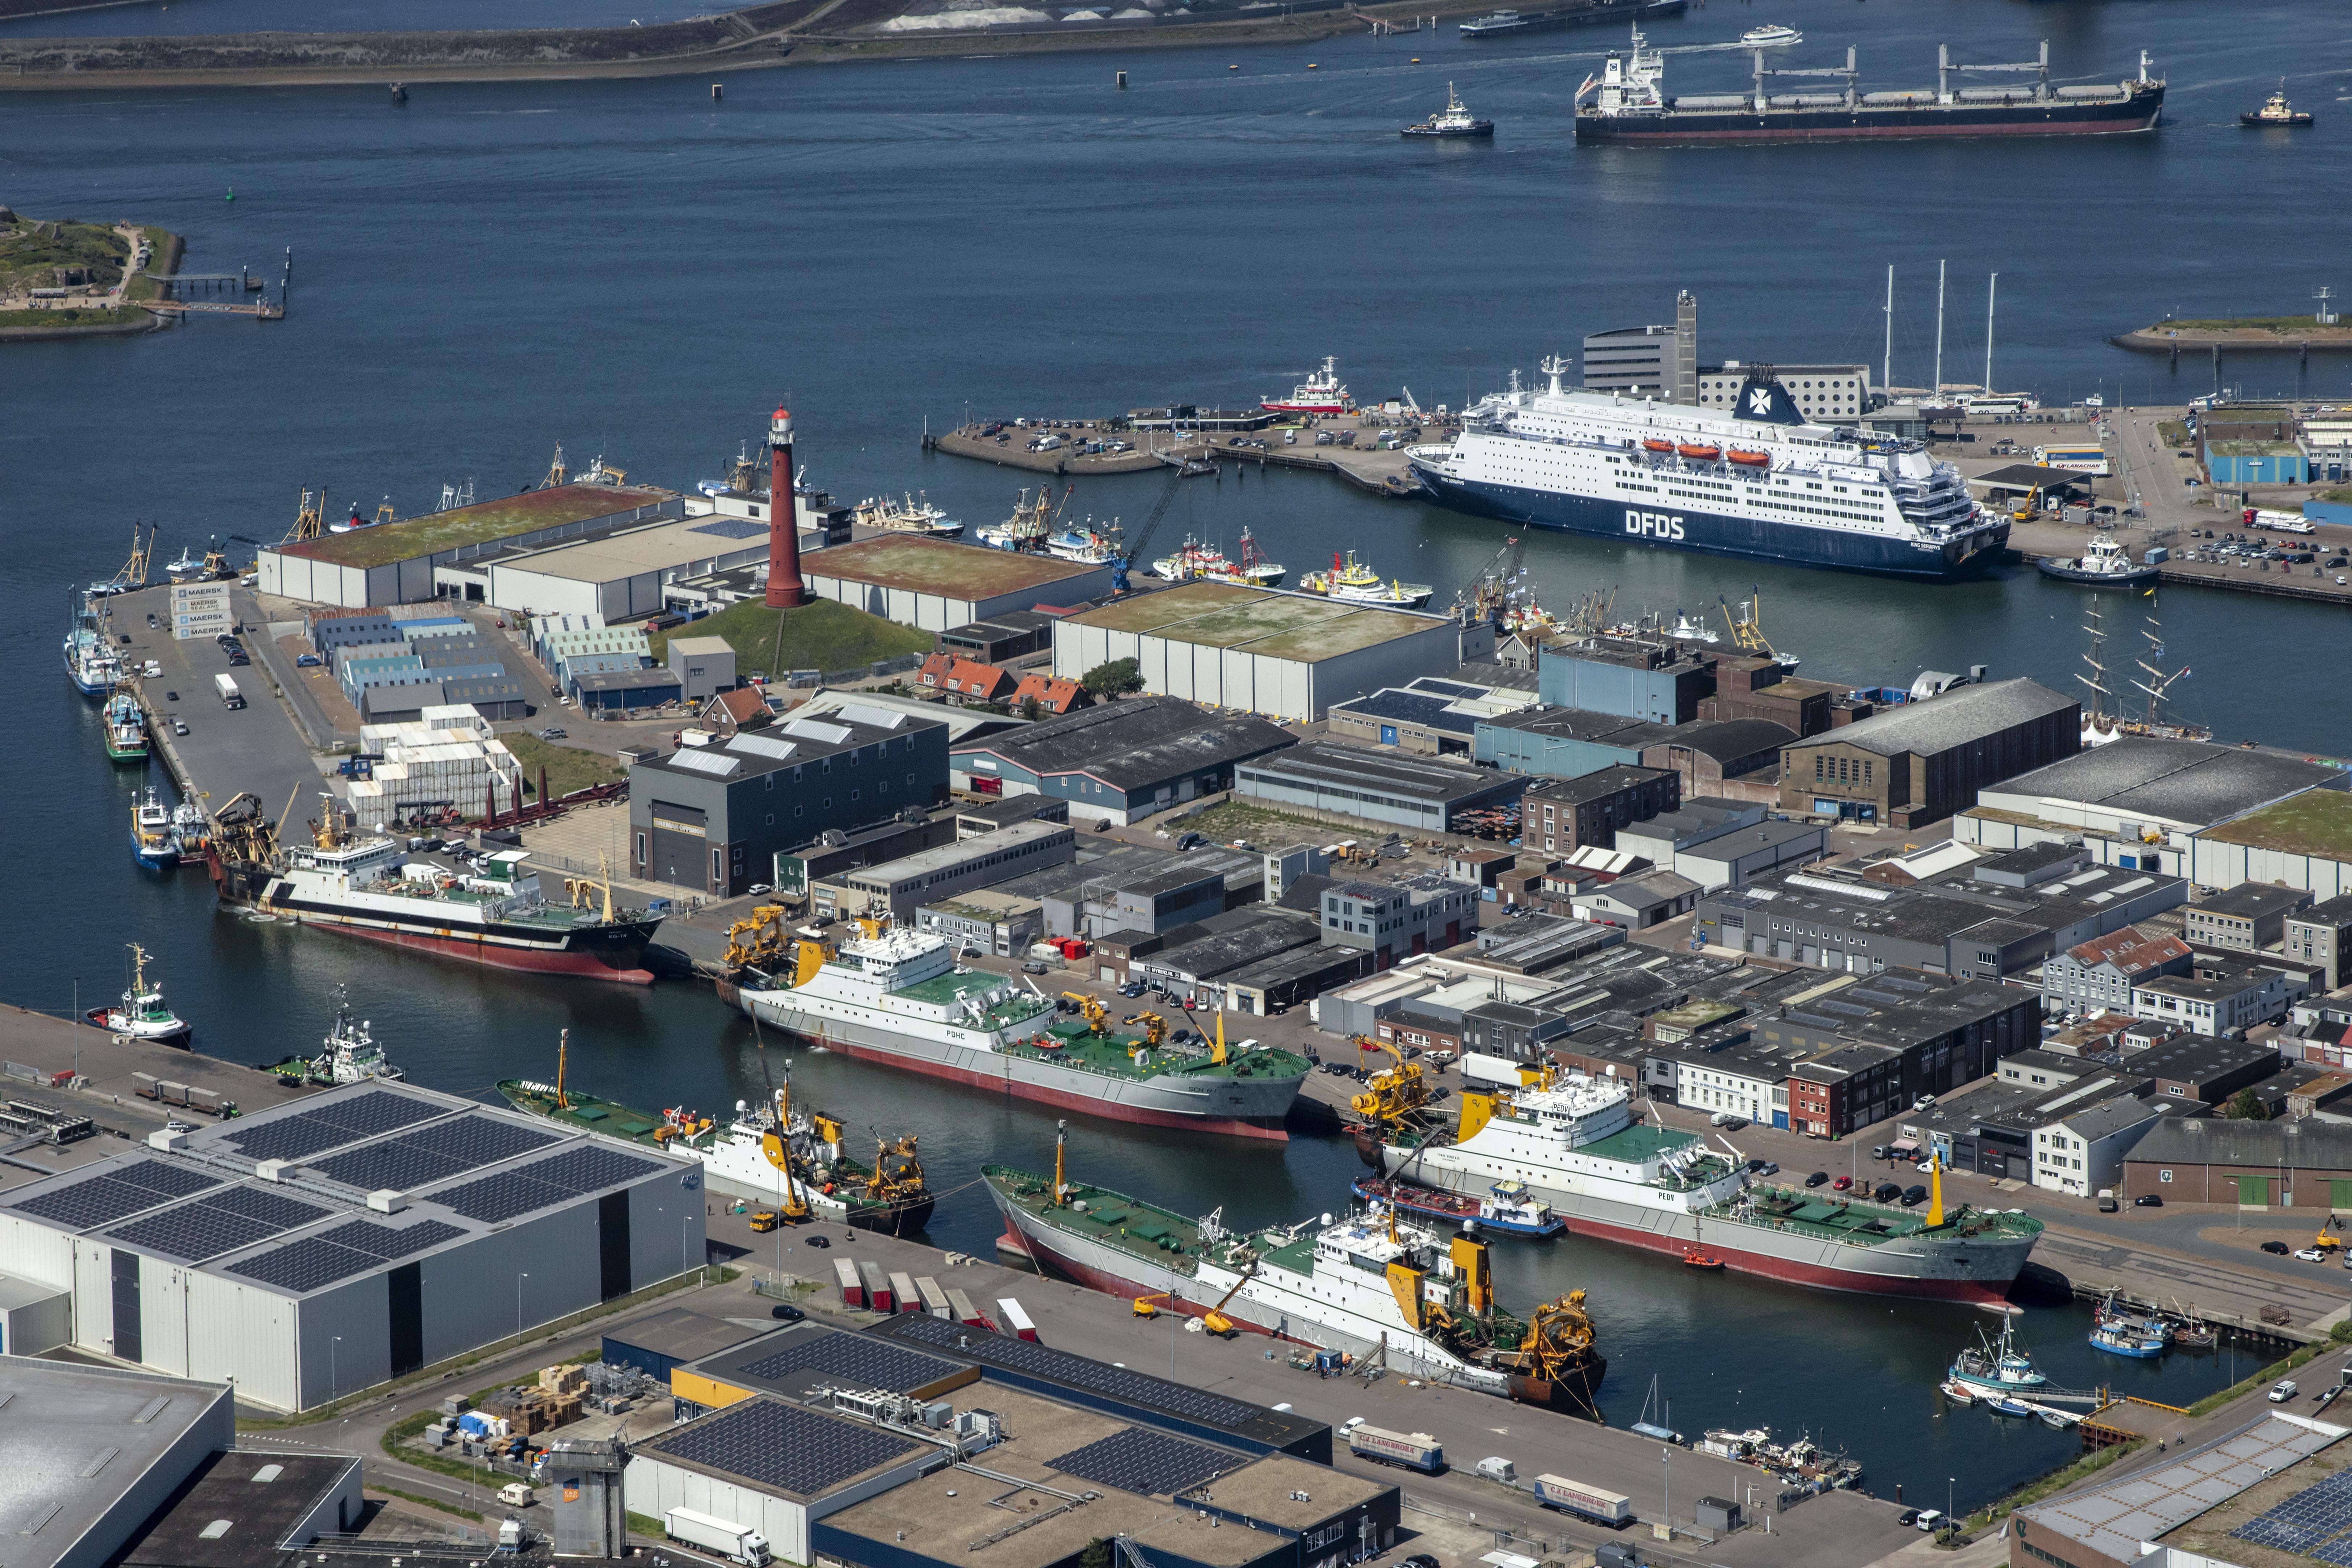 Het is een tijd voor de haven van IJmuiden vol ups en downs. Eerst de Brexit en nu covid-19. 'De gevolgen zijn nog niet te overzien' [video]